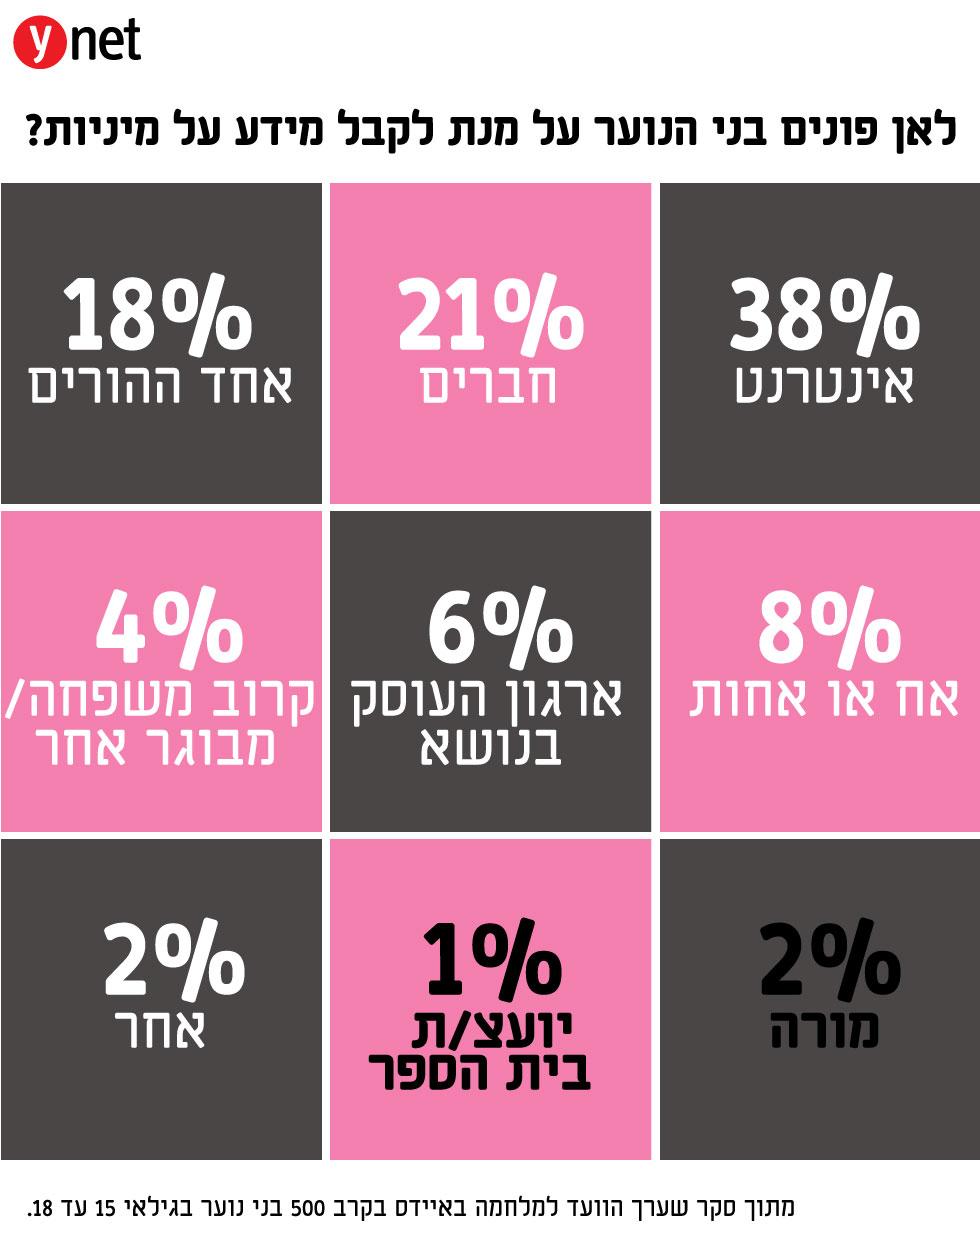 חינוך מיני בישראל - תמונת מצב בחטיבות הביניים  ()